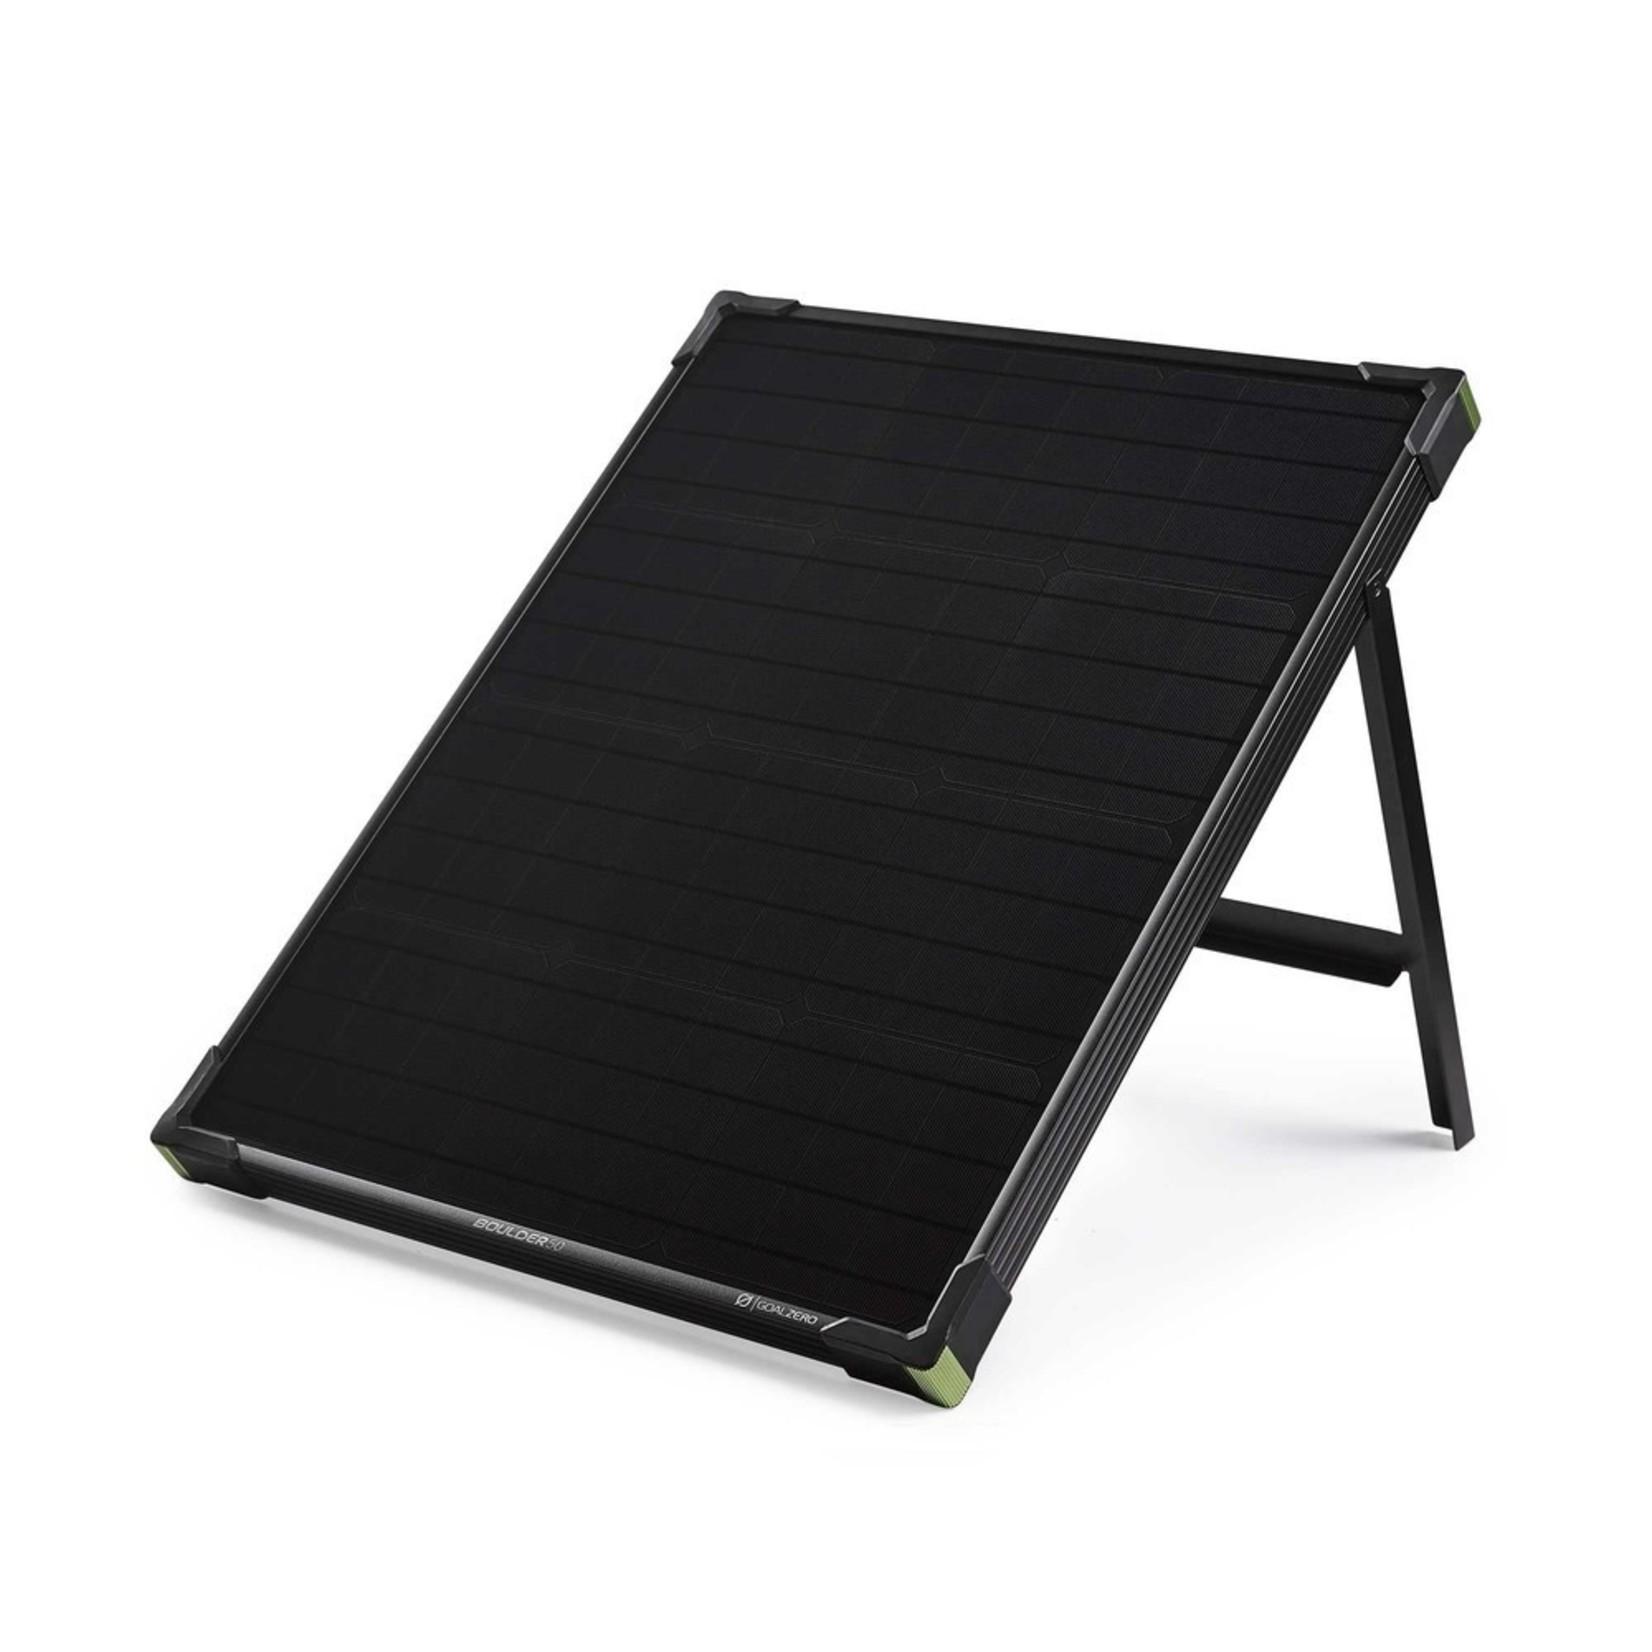 GOALZERO GOAL ZERO Yeti 500X Portable Power Station + Boulder 50 Solar Kit